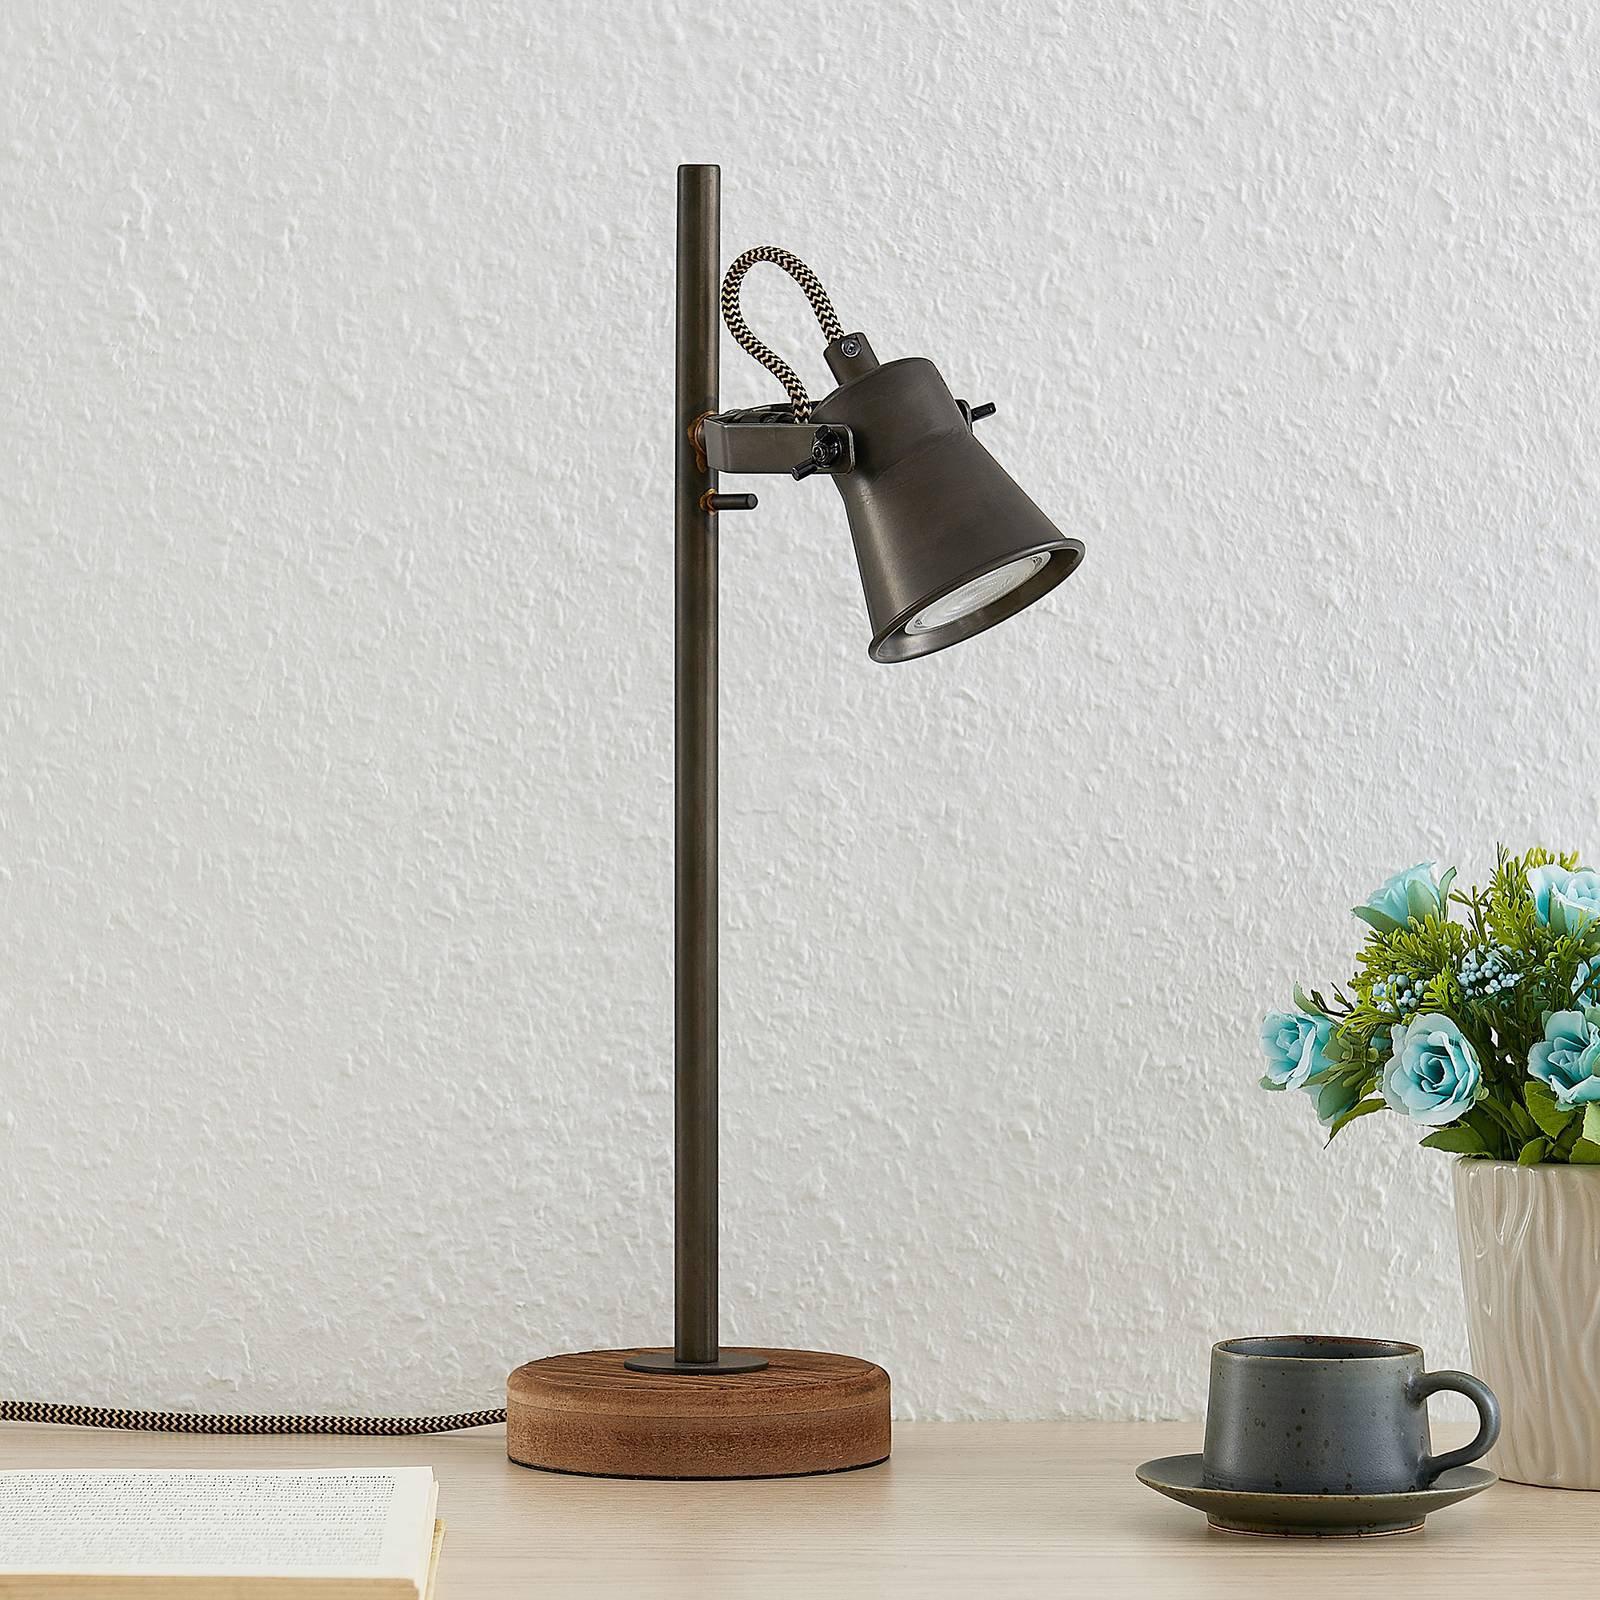 Lindby Grandesa bordlampe med trefot